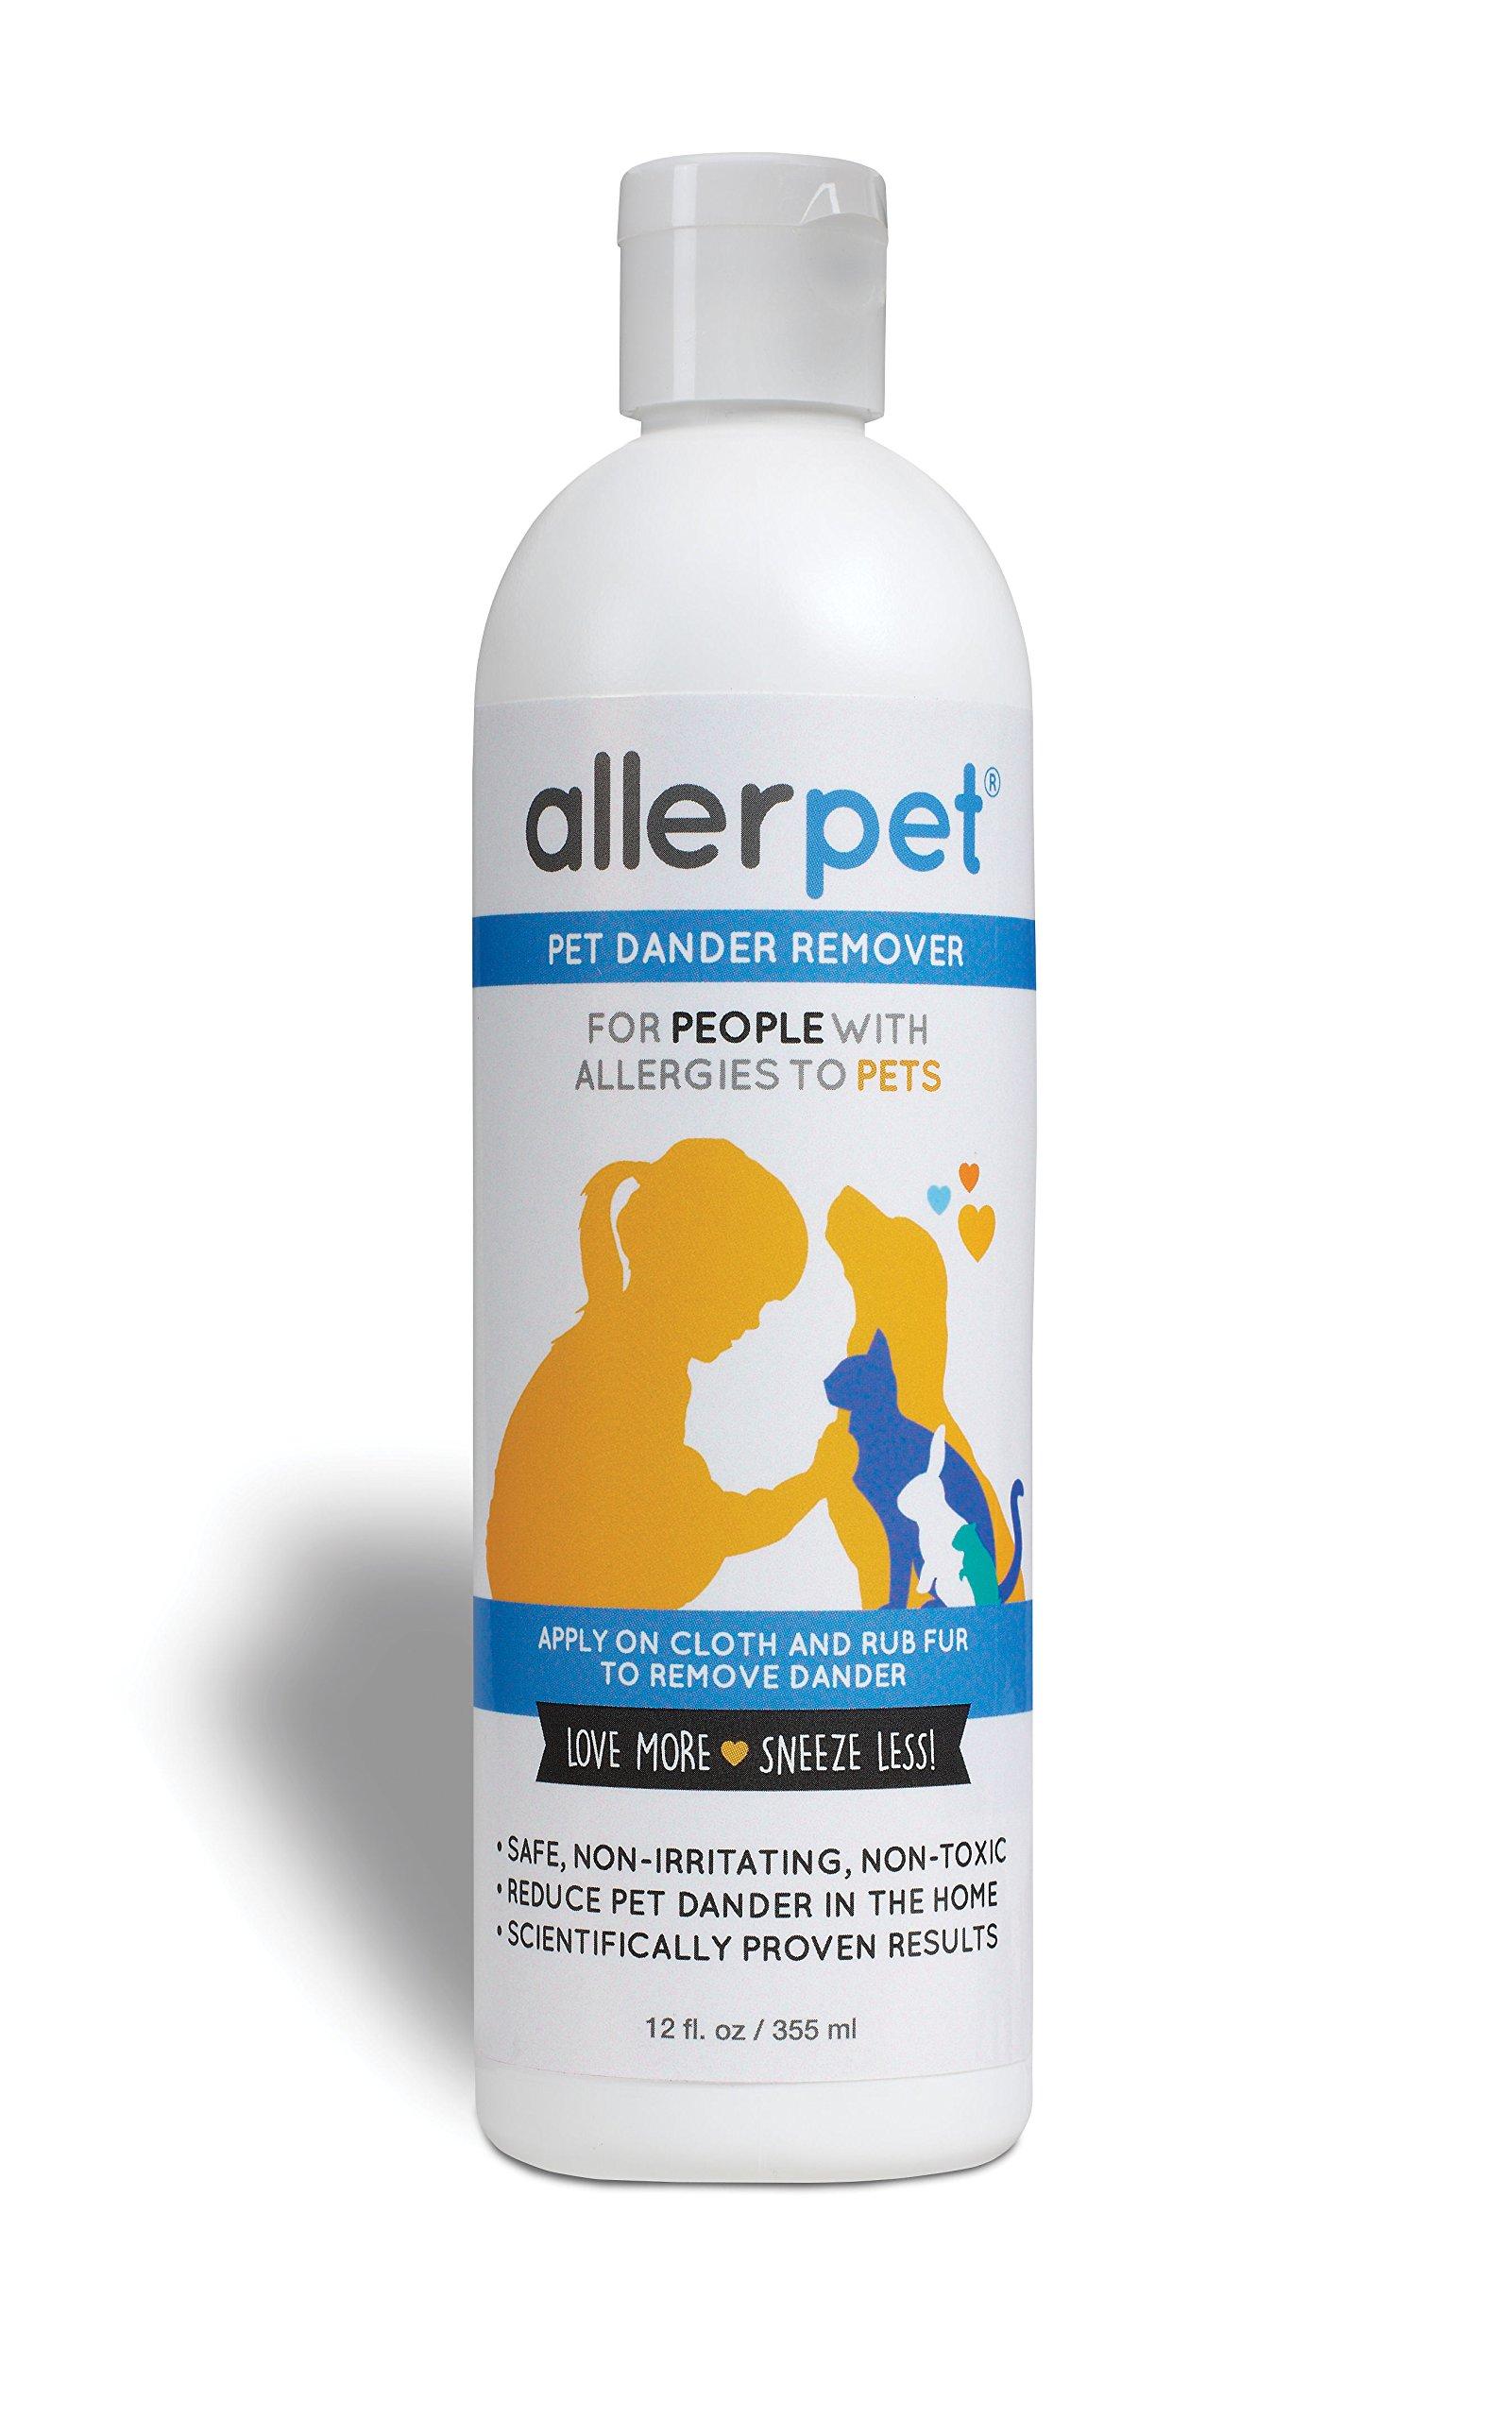 Allerpet Pet Dander Remover, 12 oz by Allerpet